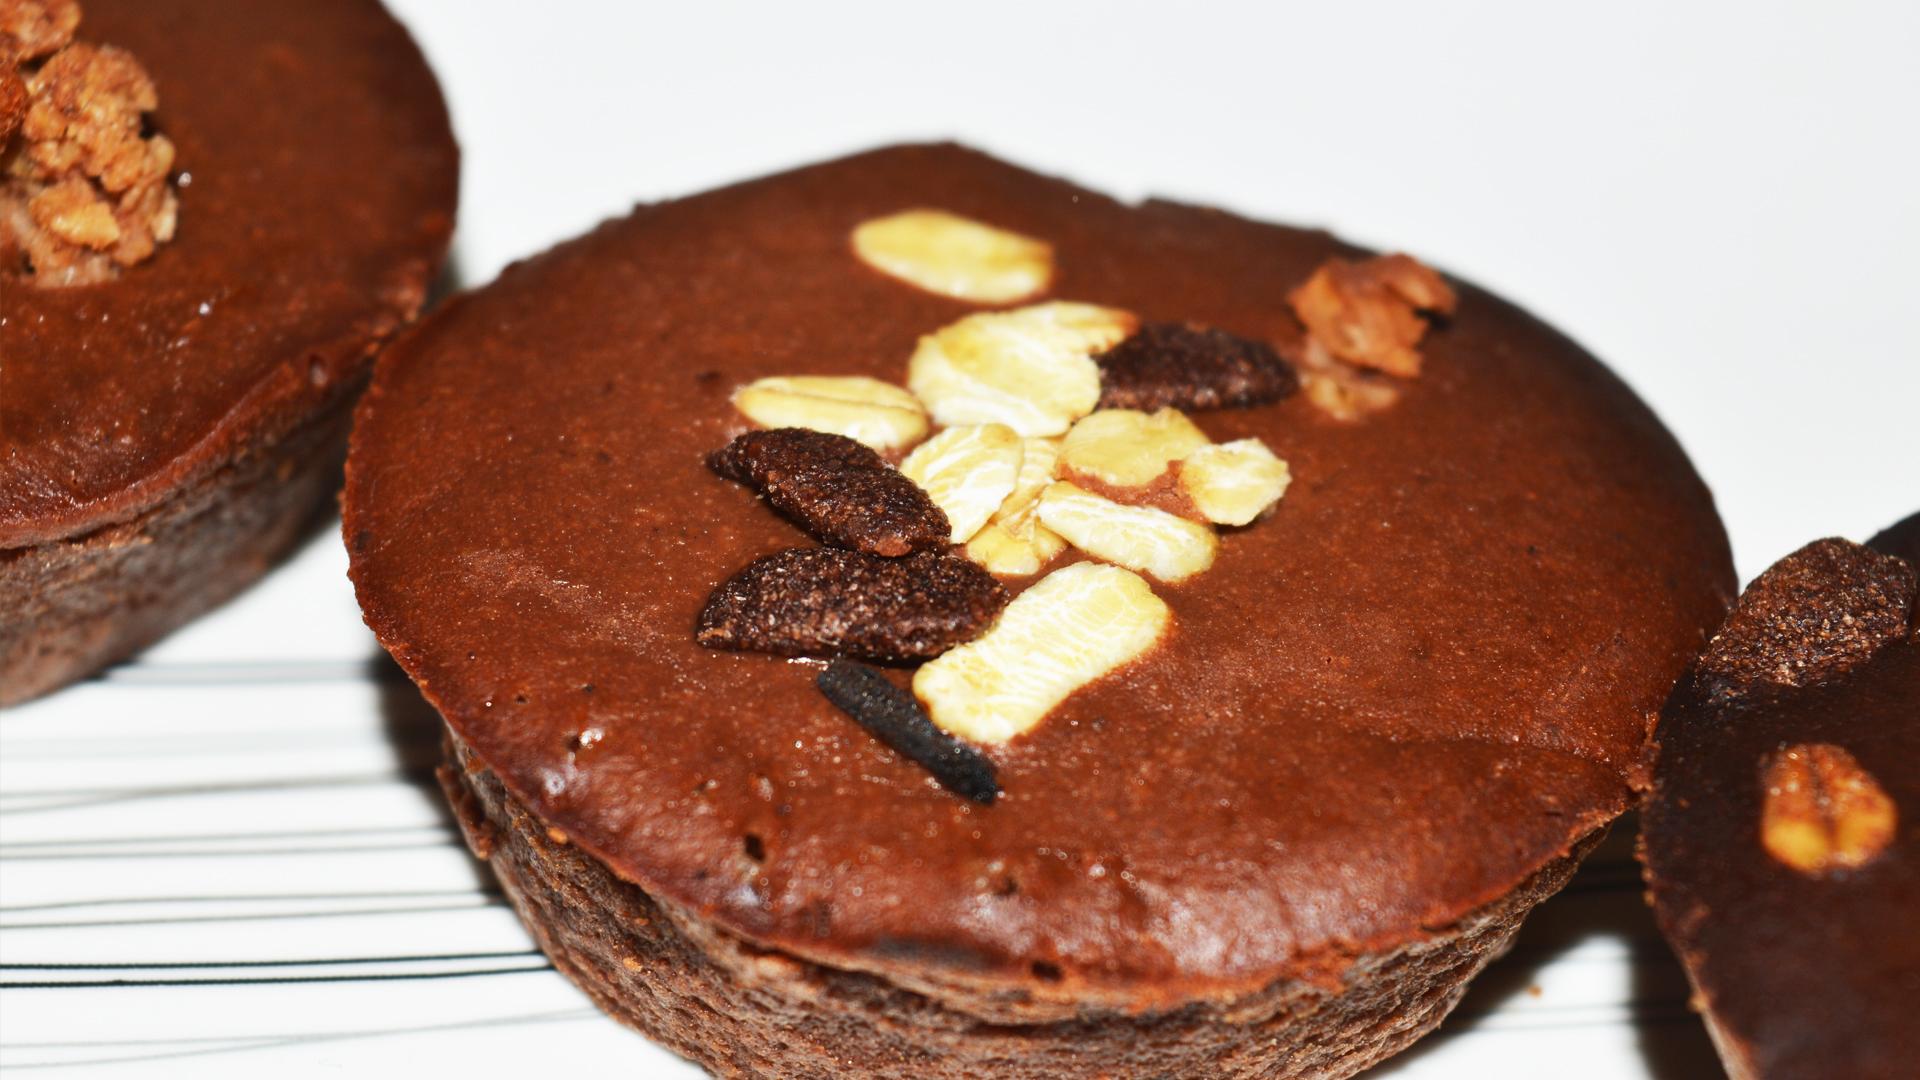 Gateau choco healthy meilleur travail des chefs populaires - Gateau au chocolat healthy ...